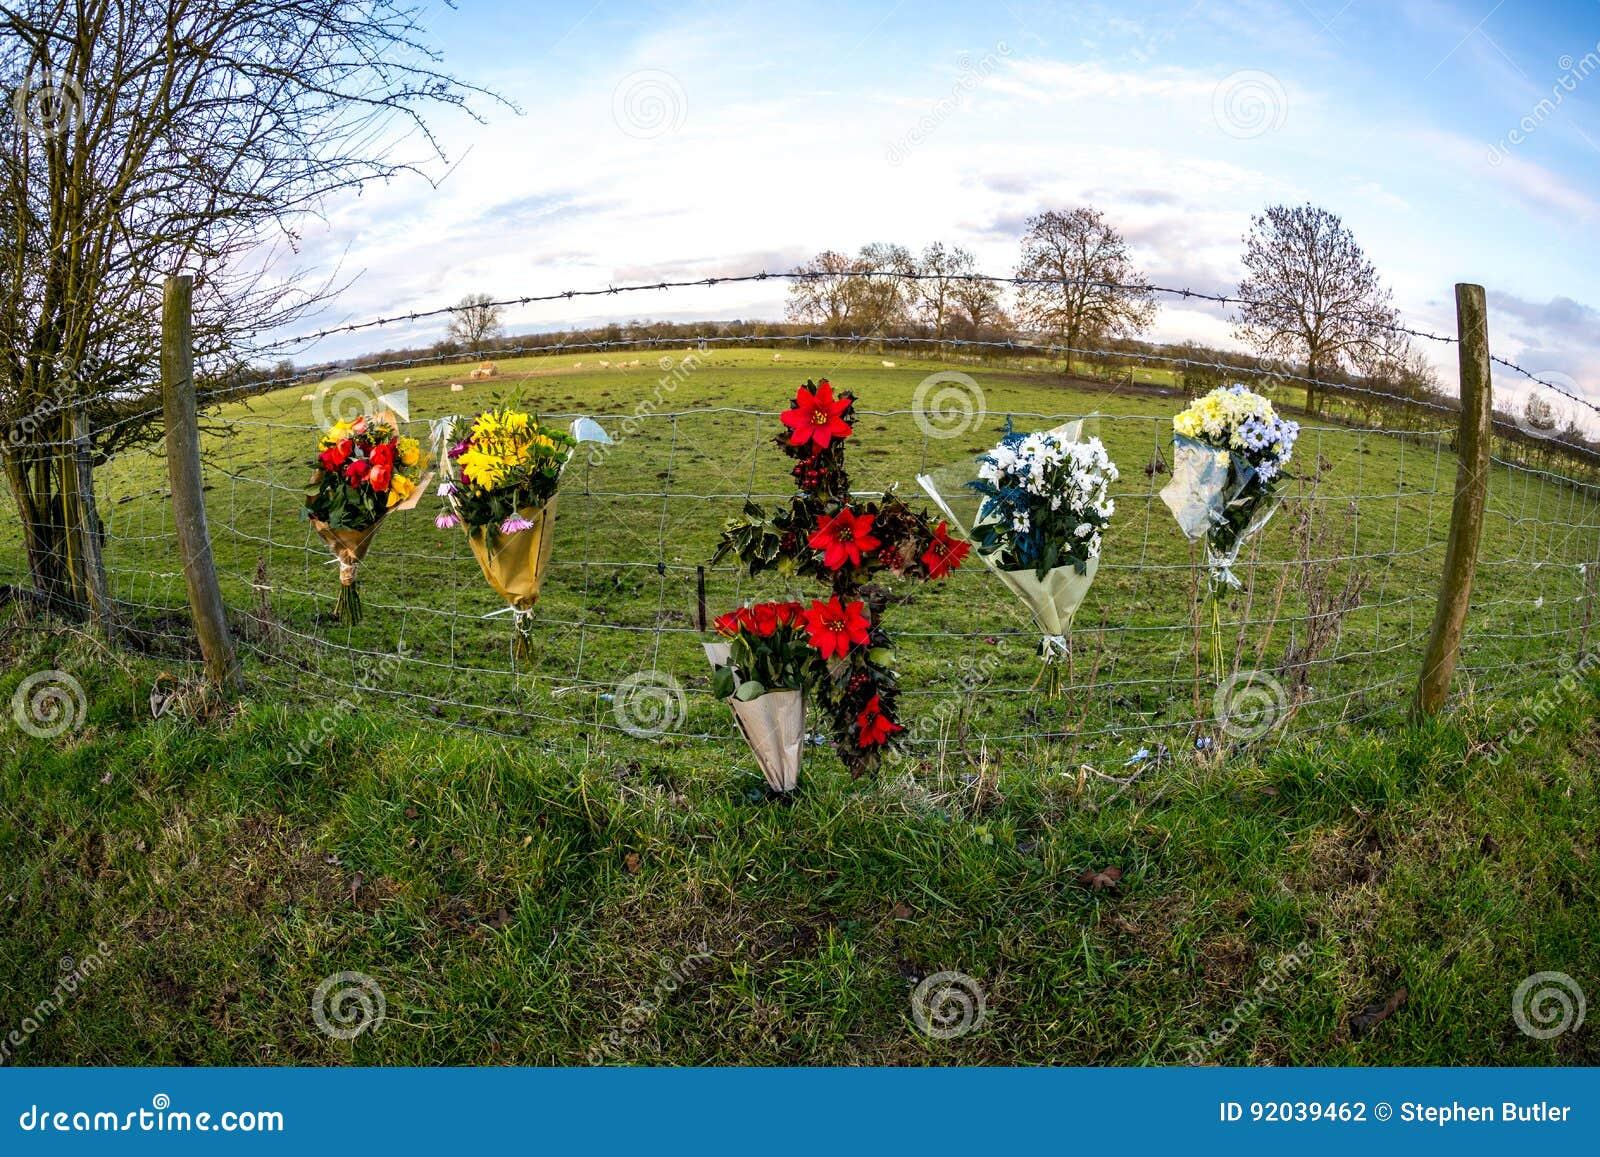 In memoriam flowers RIP